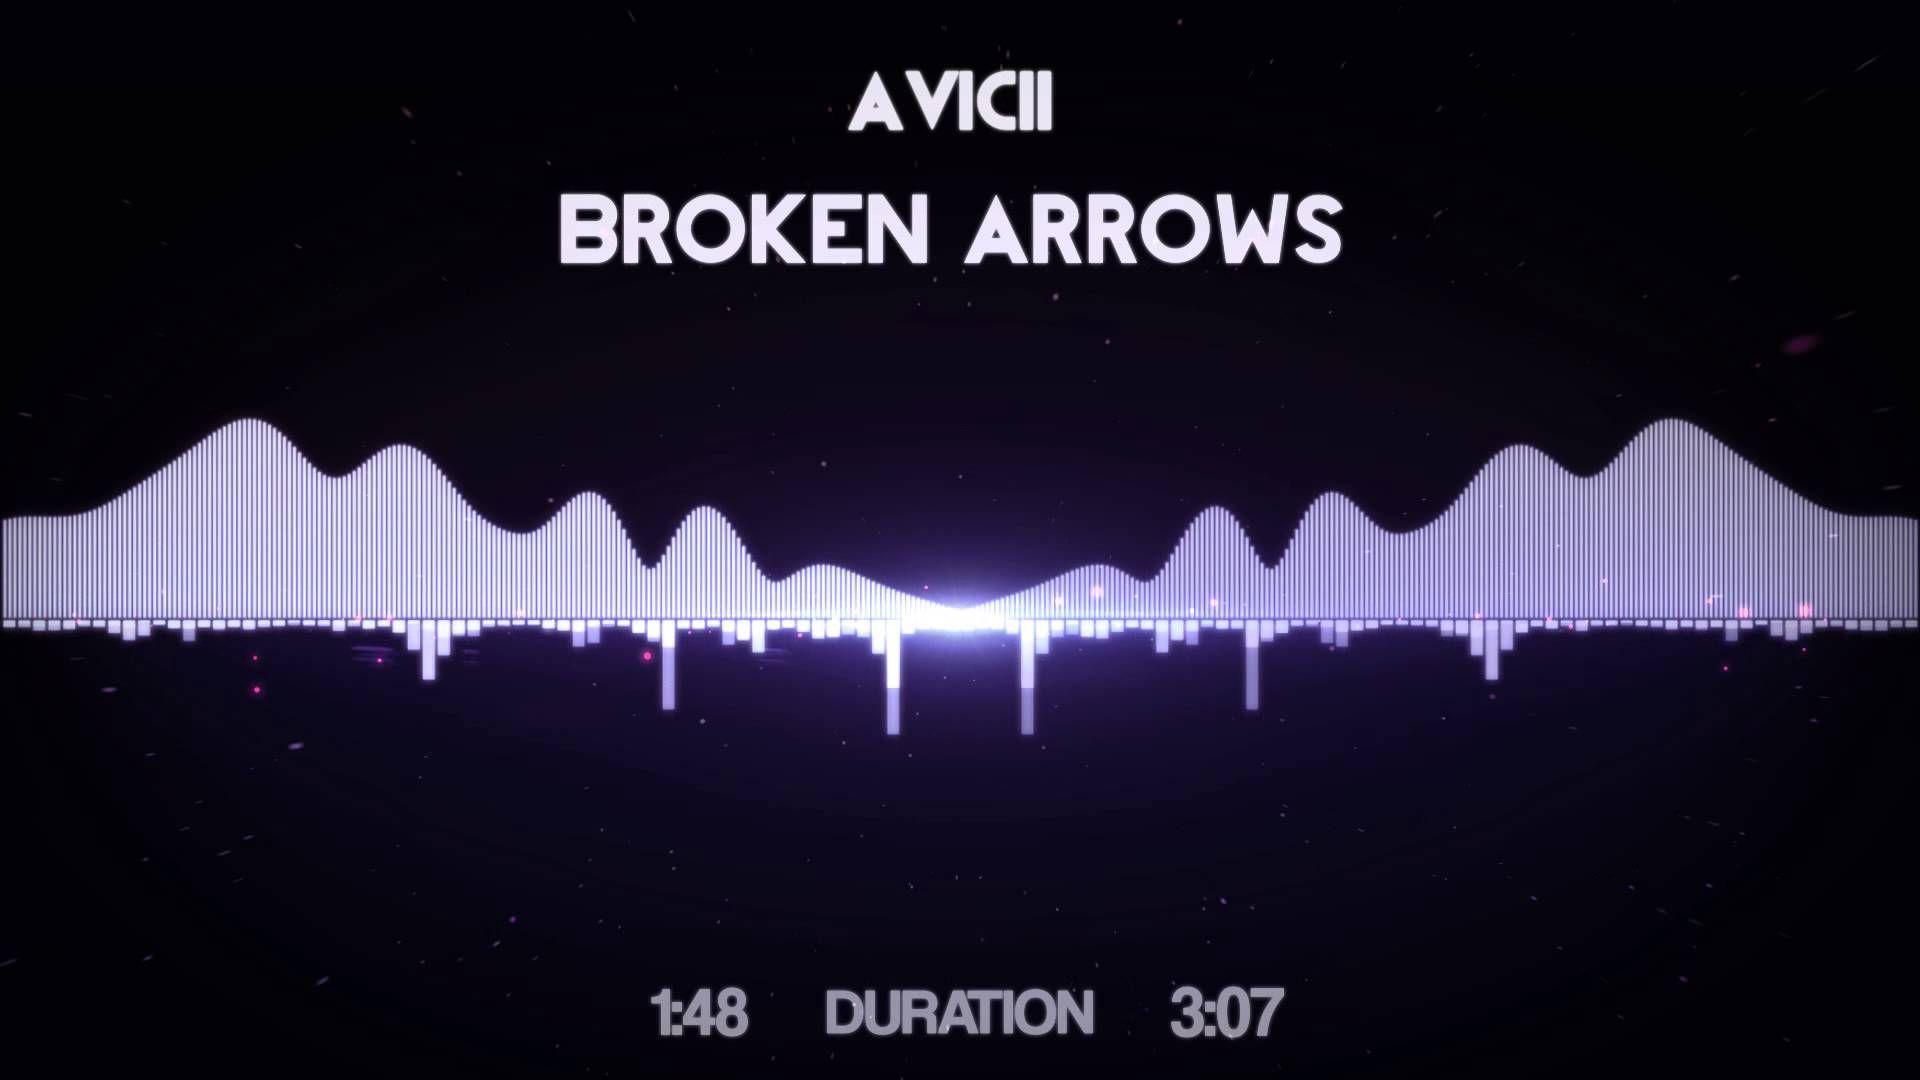 avicii broken arrows hd